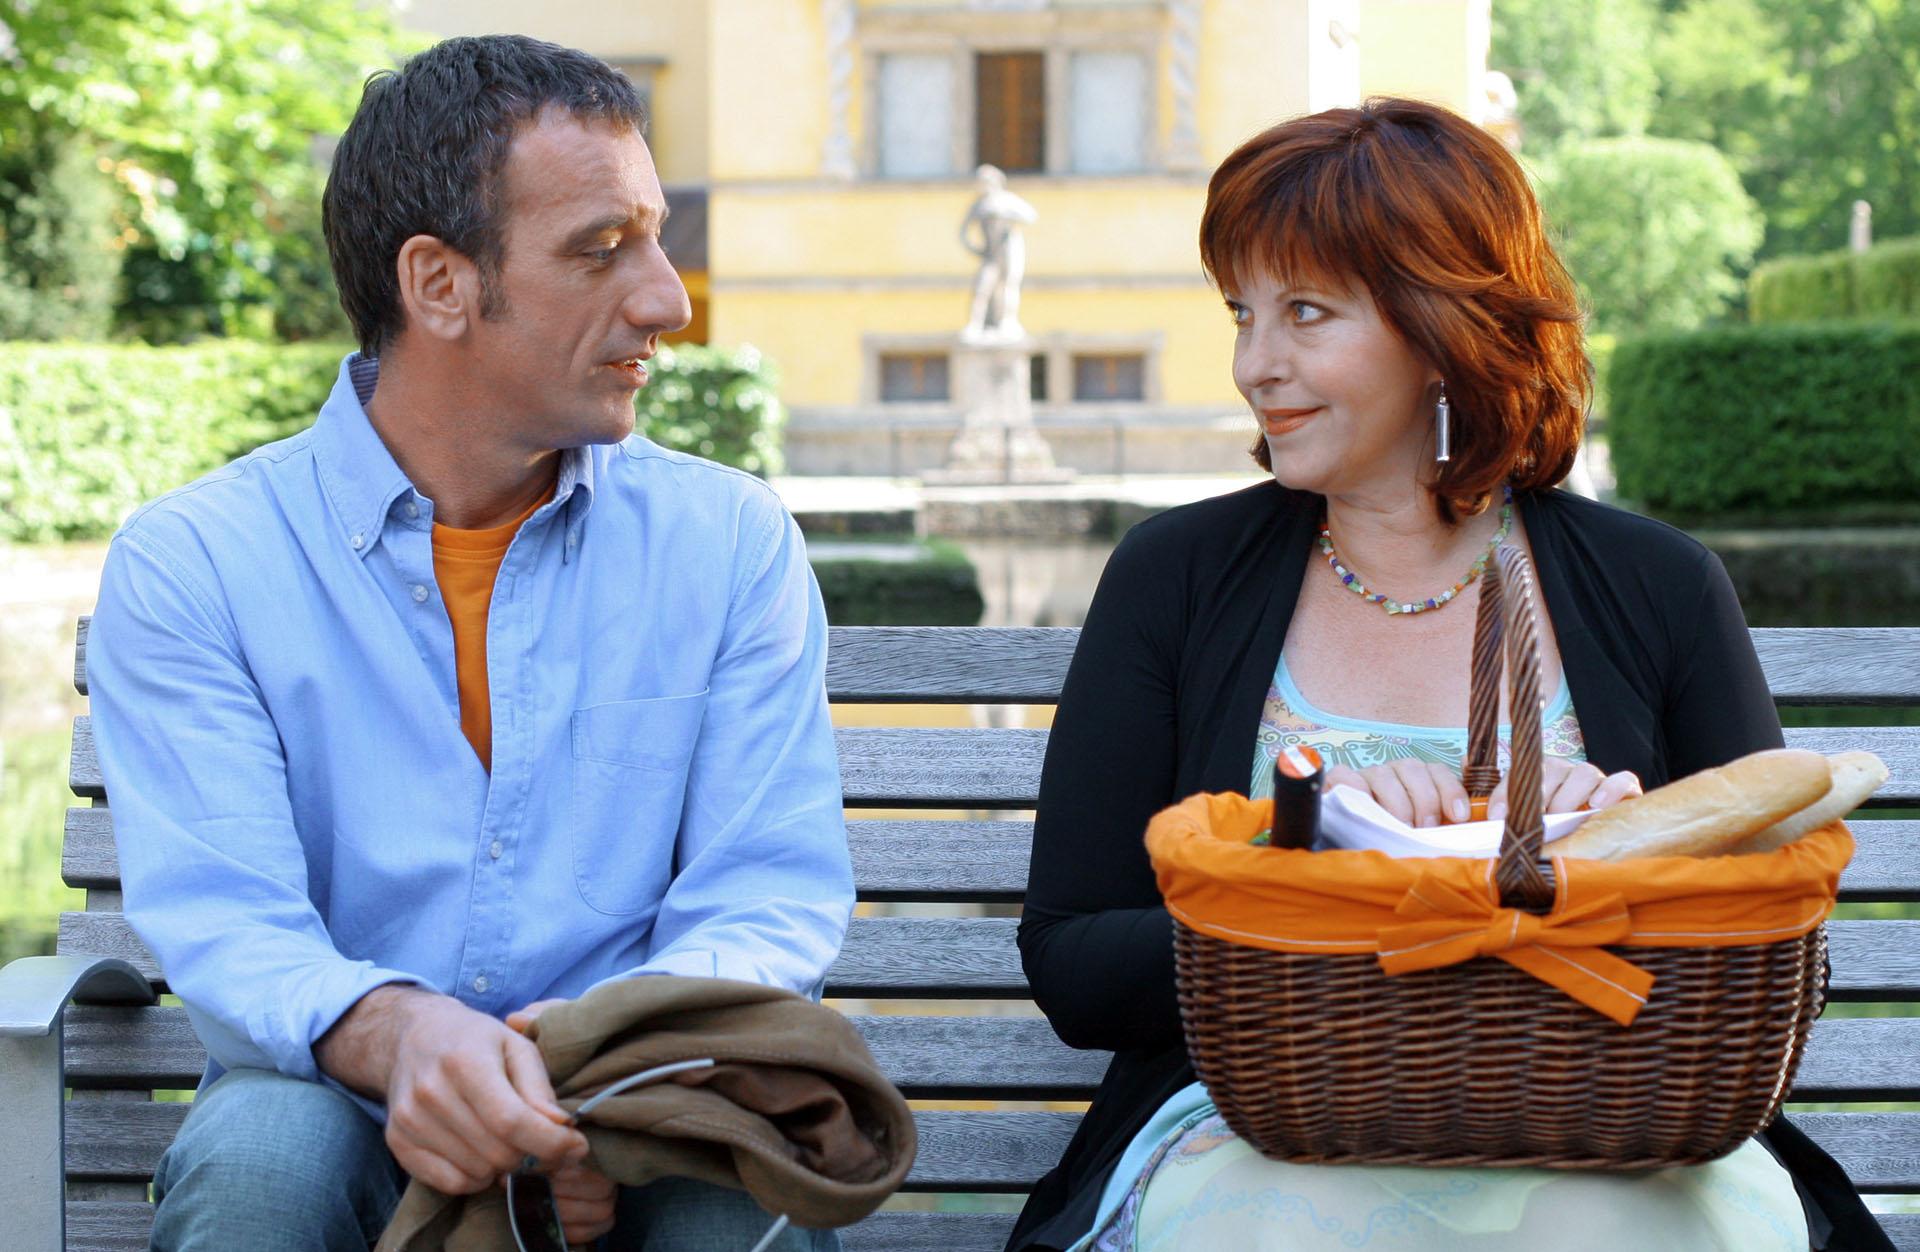 © ORF / Petro Domenigg (Star*Film) - Heio von Stetten, Elfi Eschke